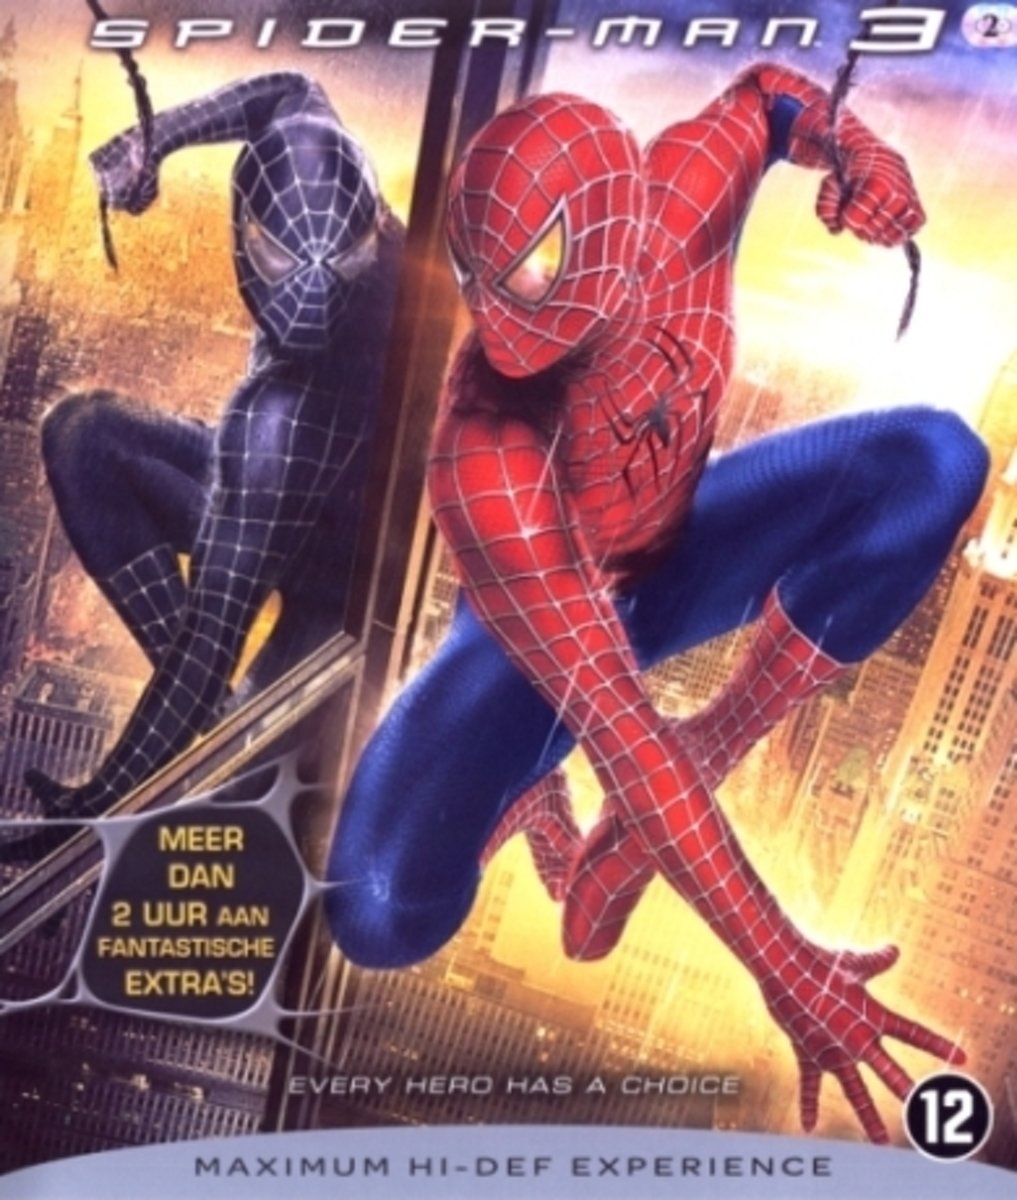 Spiderman 3 kopen